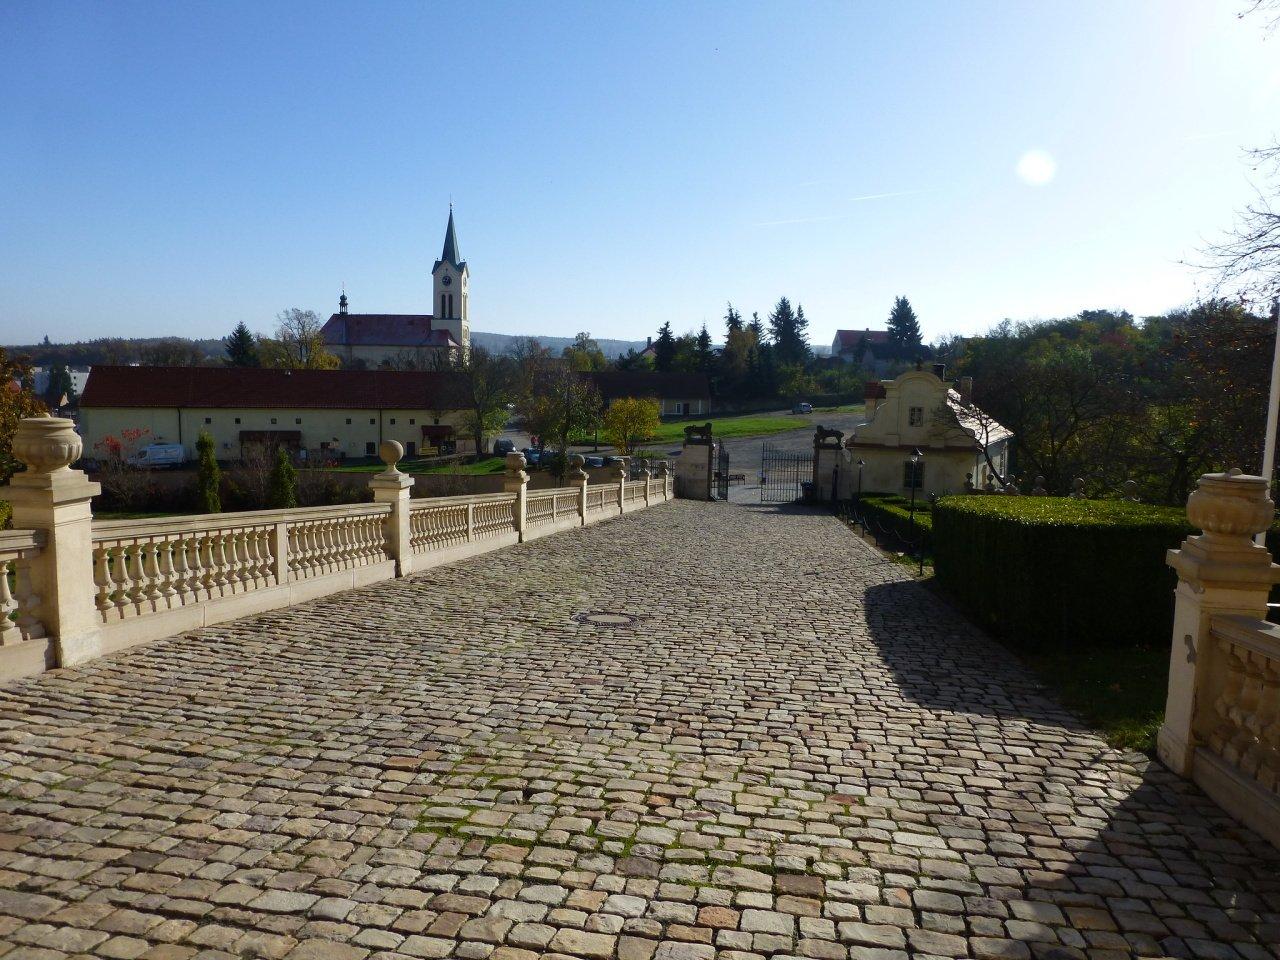 Zámok Mníšek pod Brdy, České hrady a zámky 2